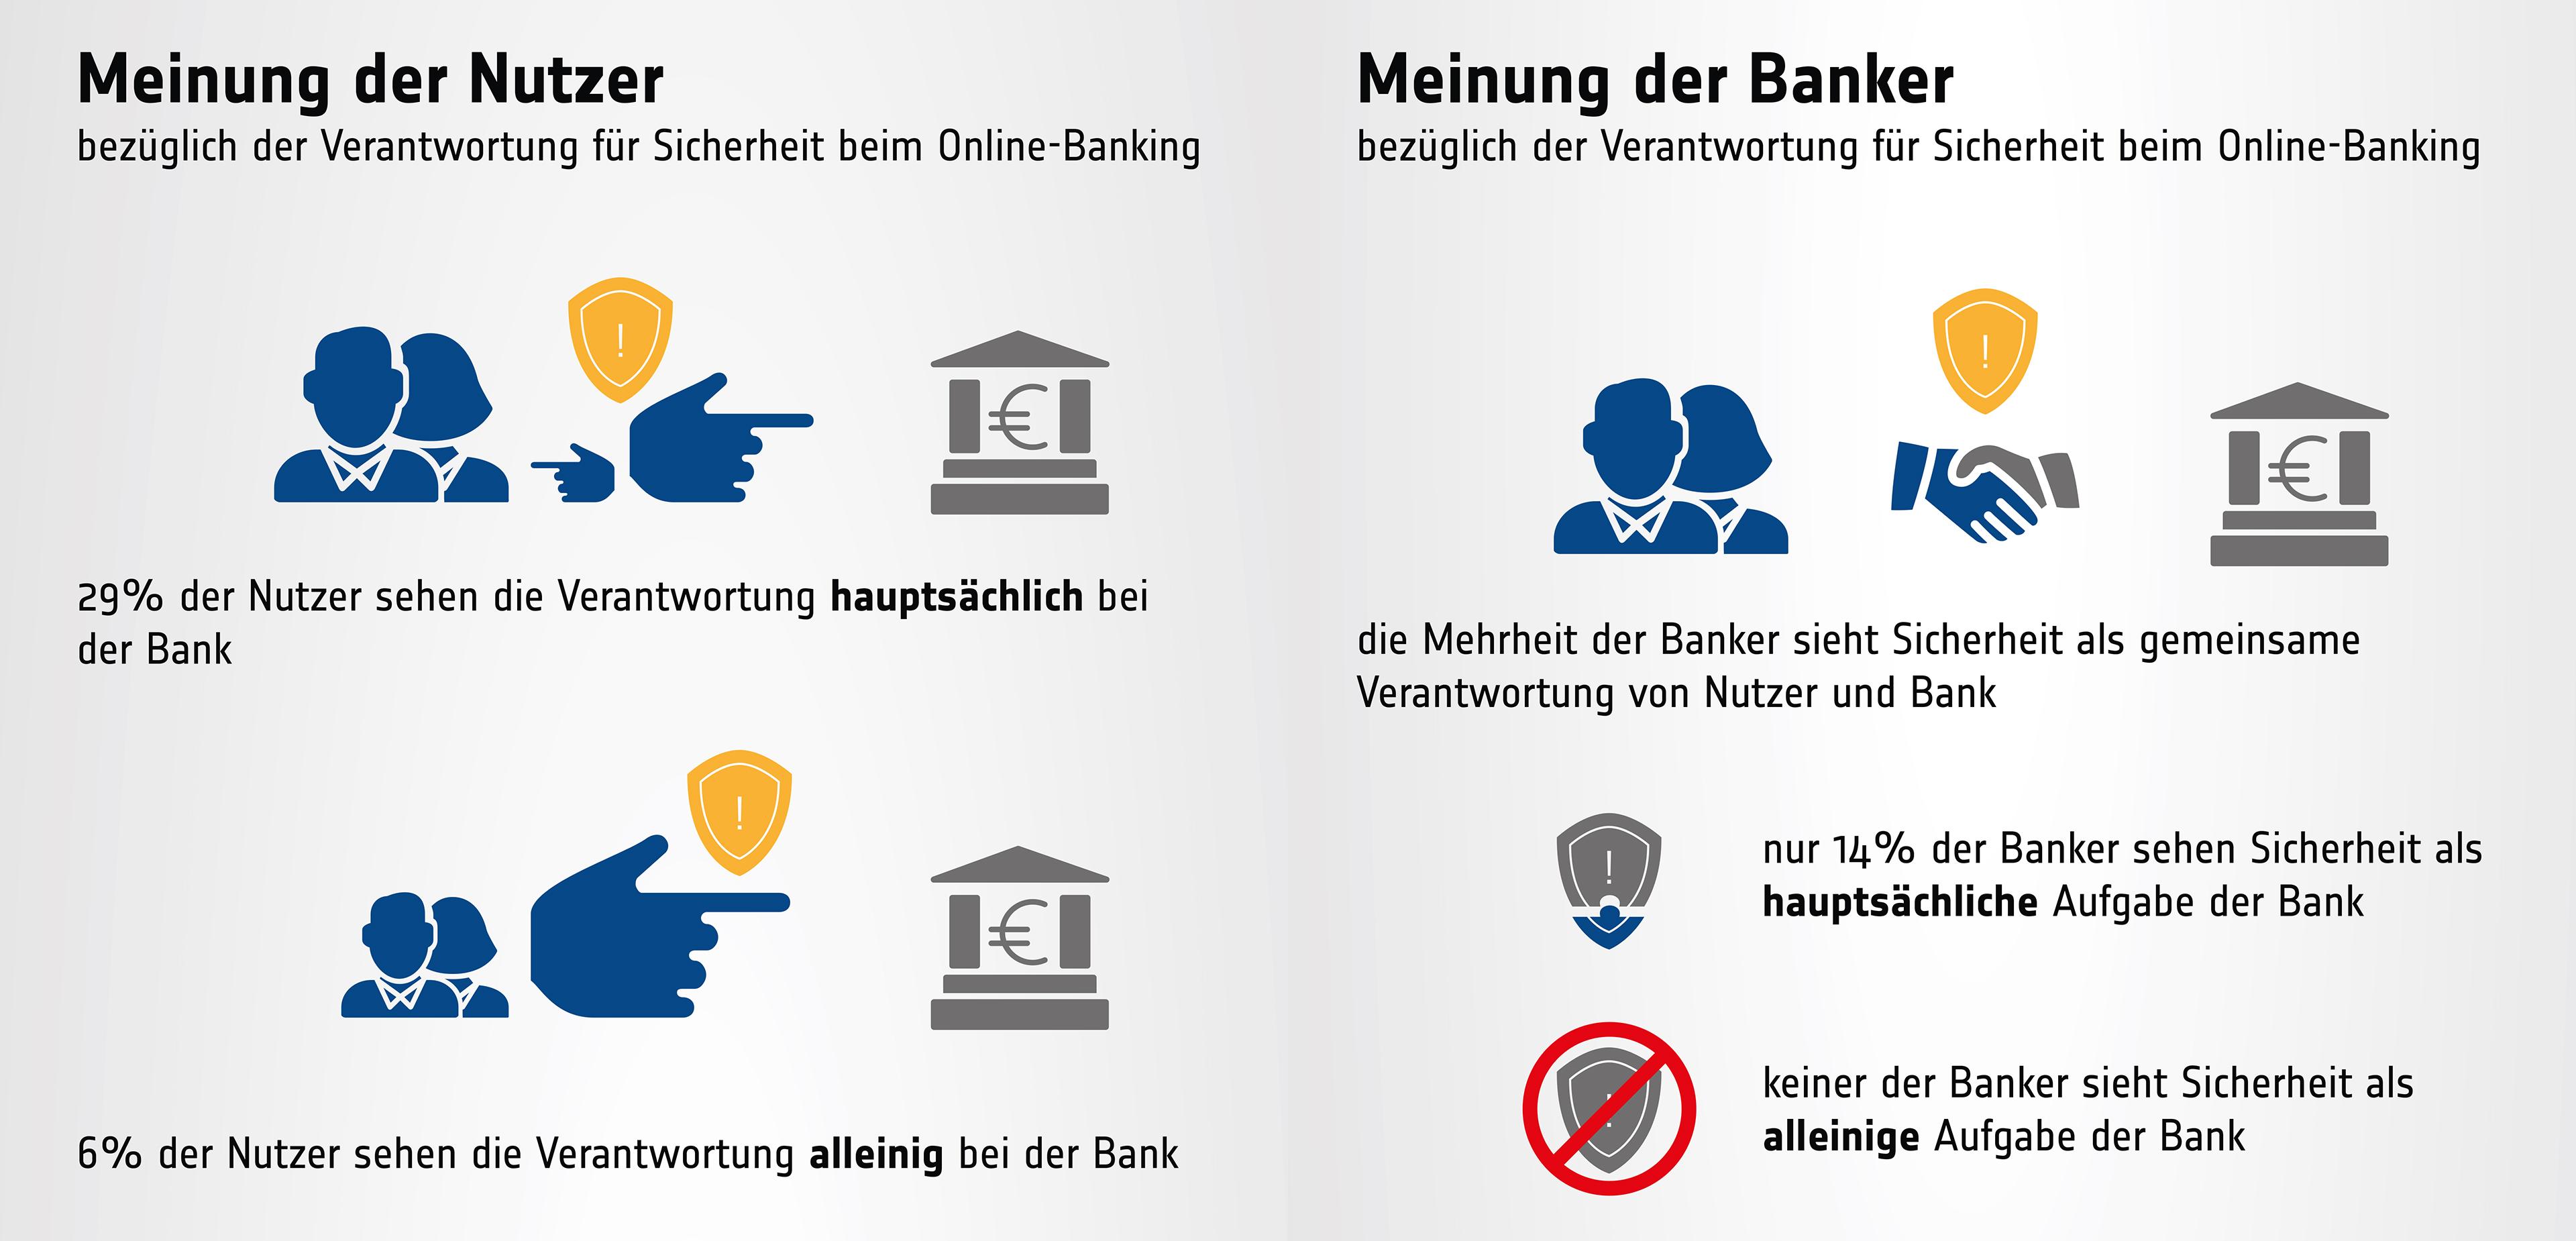 Meinungen von Banken und Nutzern über Verantwortung zur Sicherheit beim Online-Banking